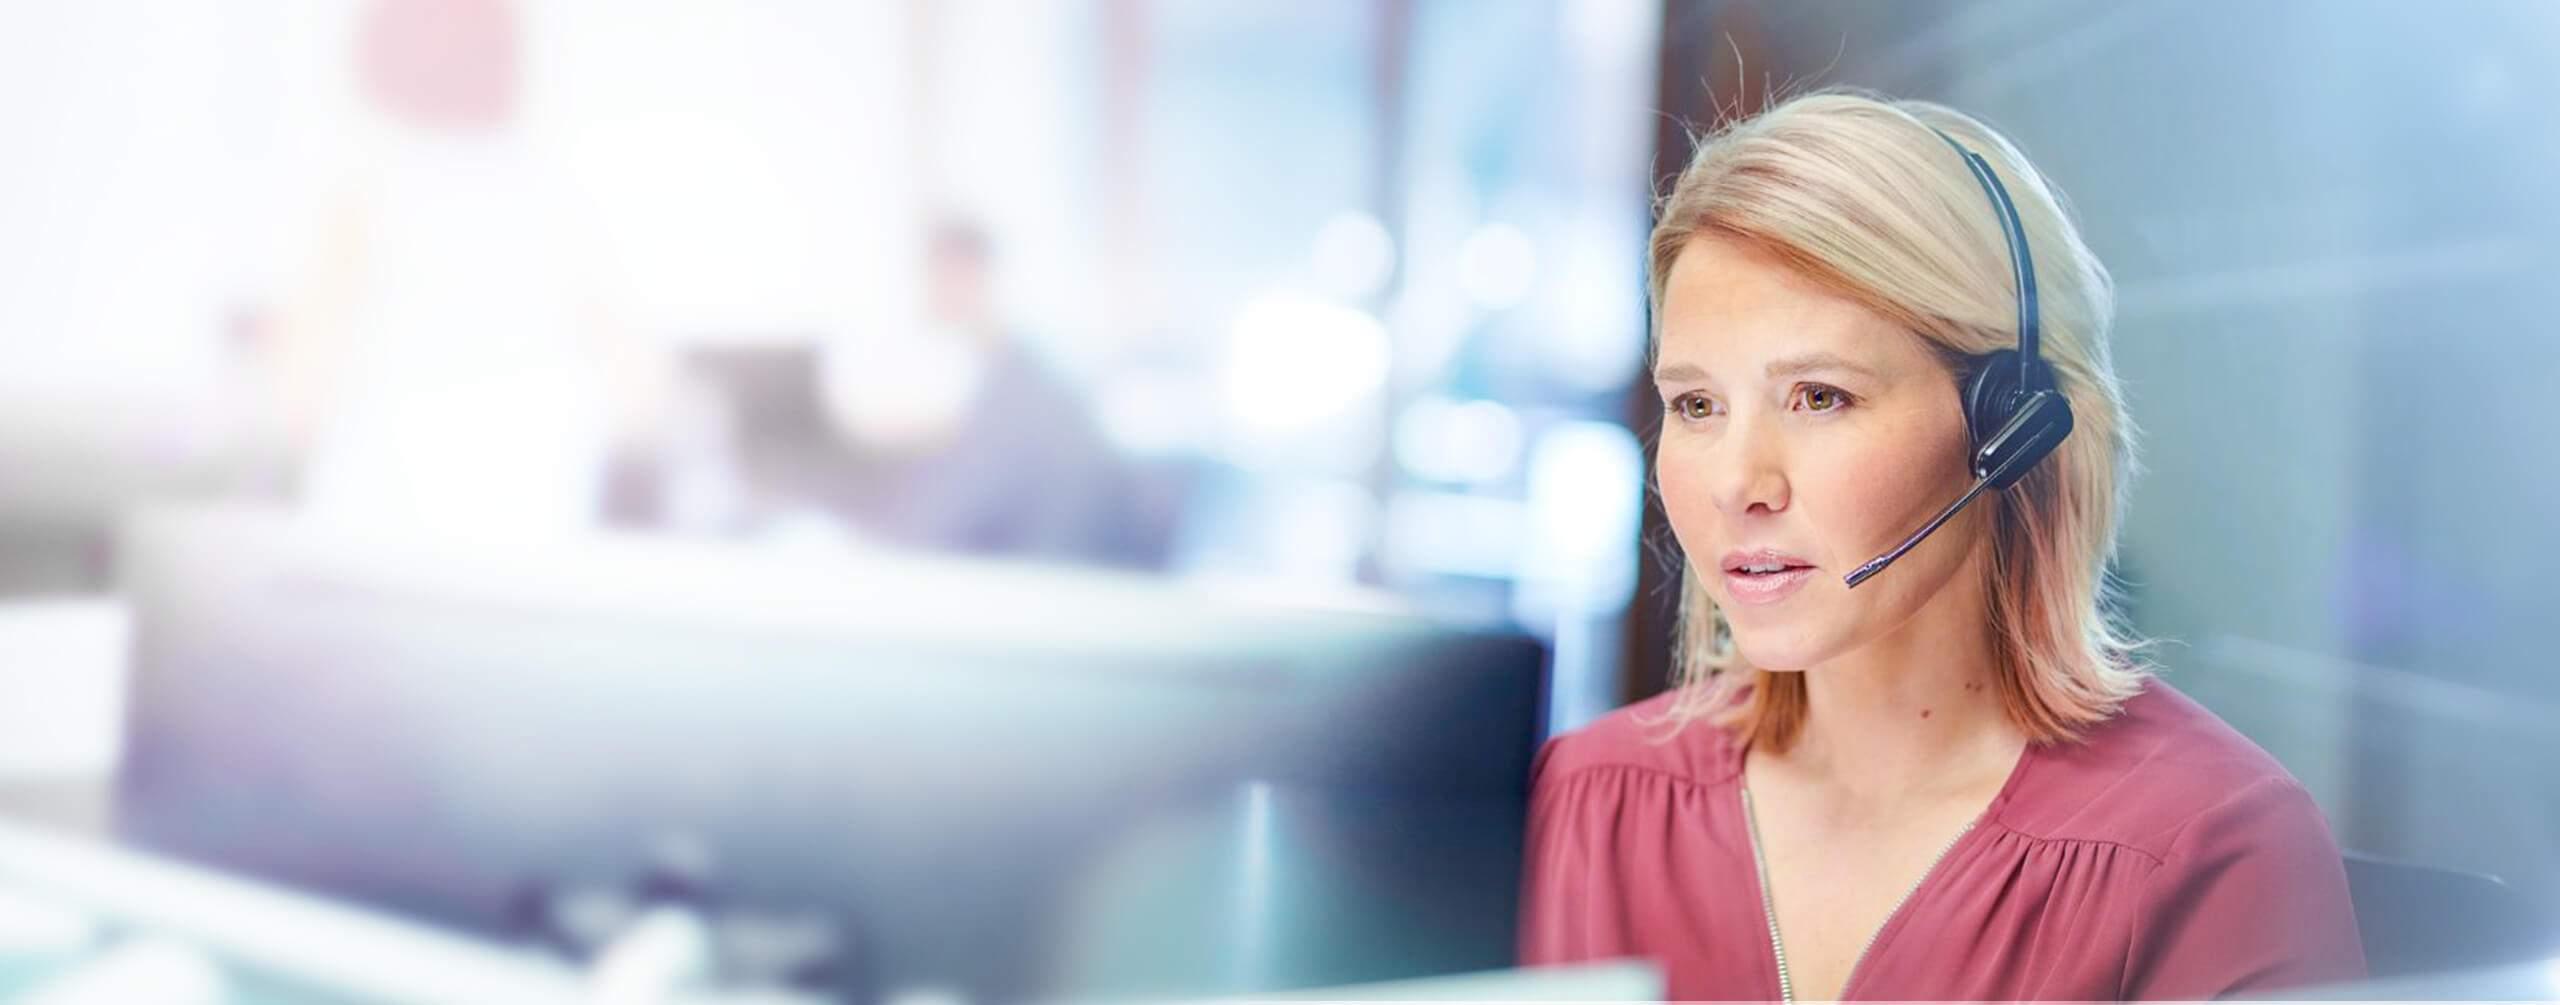 Foto einer Frau in Büroumgebung mit Headset